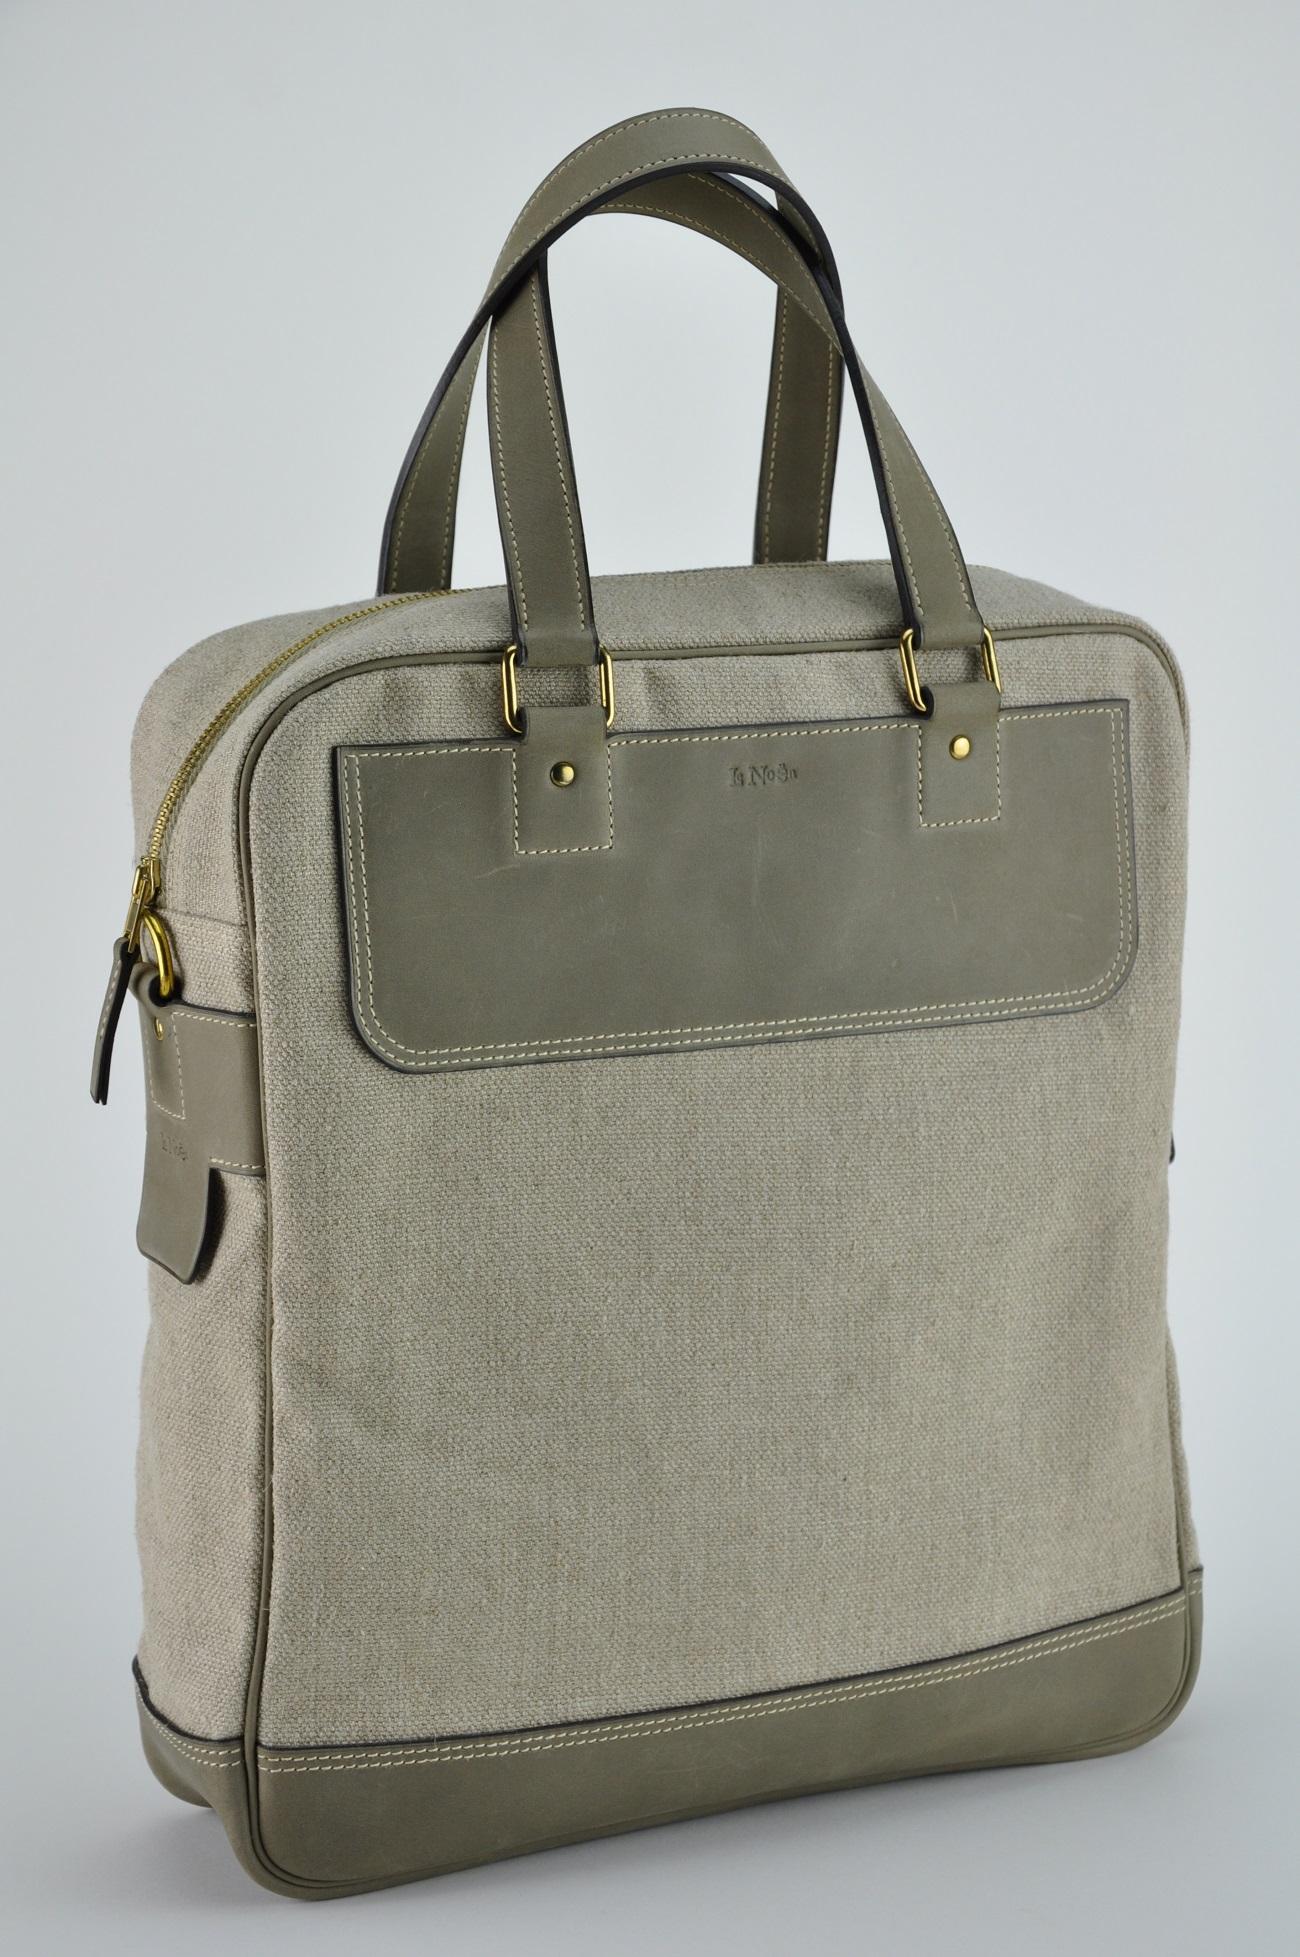 Sac Melbourne pour homme est fabriqué en vachette couleur bronze et en lin. Très léger pour tous les jours. Style vintage contemporain. Le luxe imaginé par LE NOËN créateur de maroquinerie 100% fabrication française.